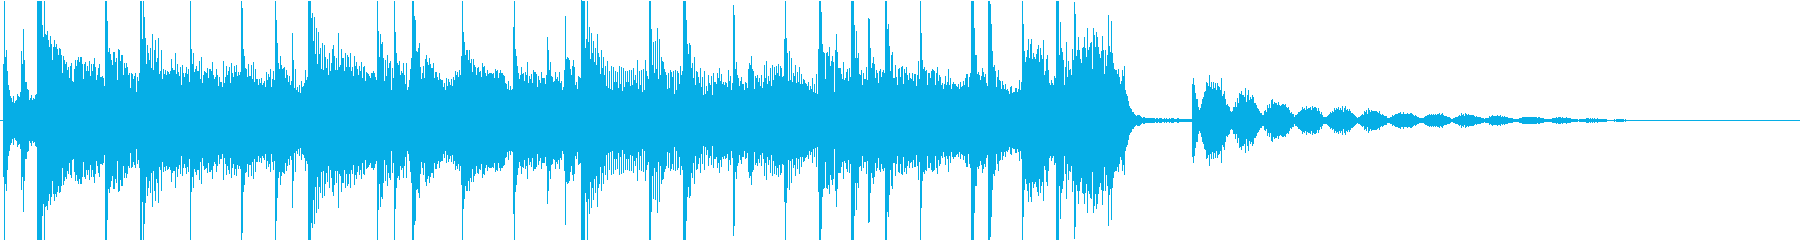 少し切ない大人なBGMの再生済みの波形